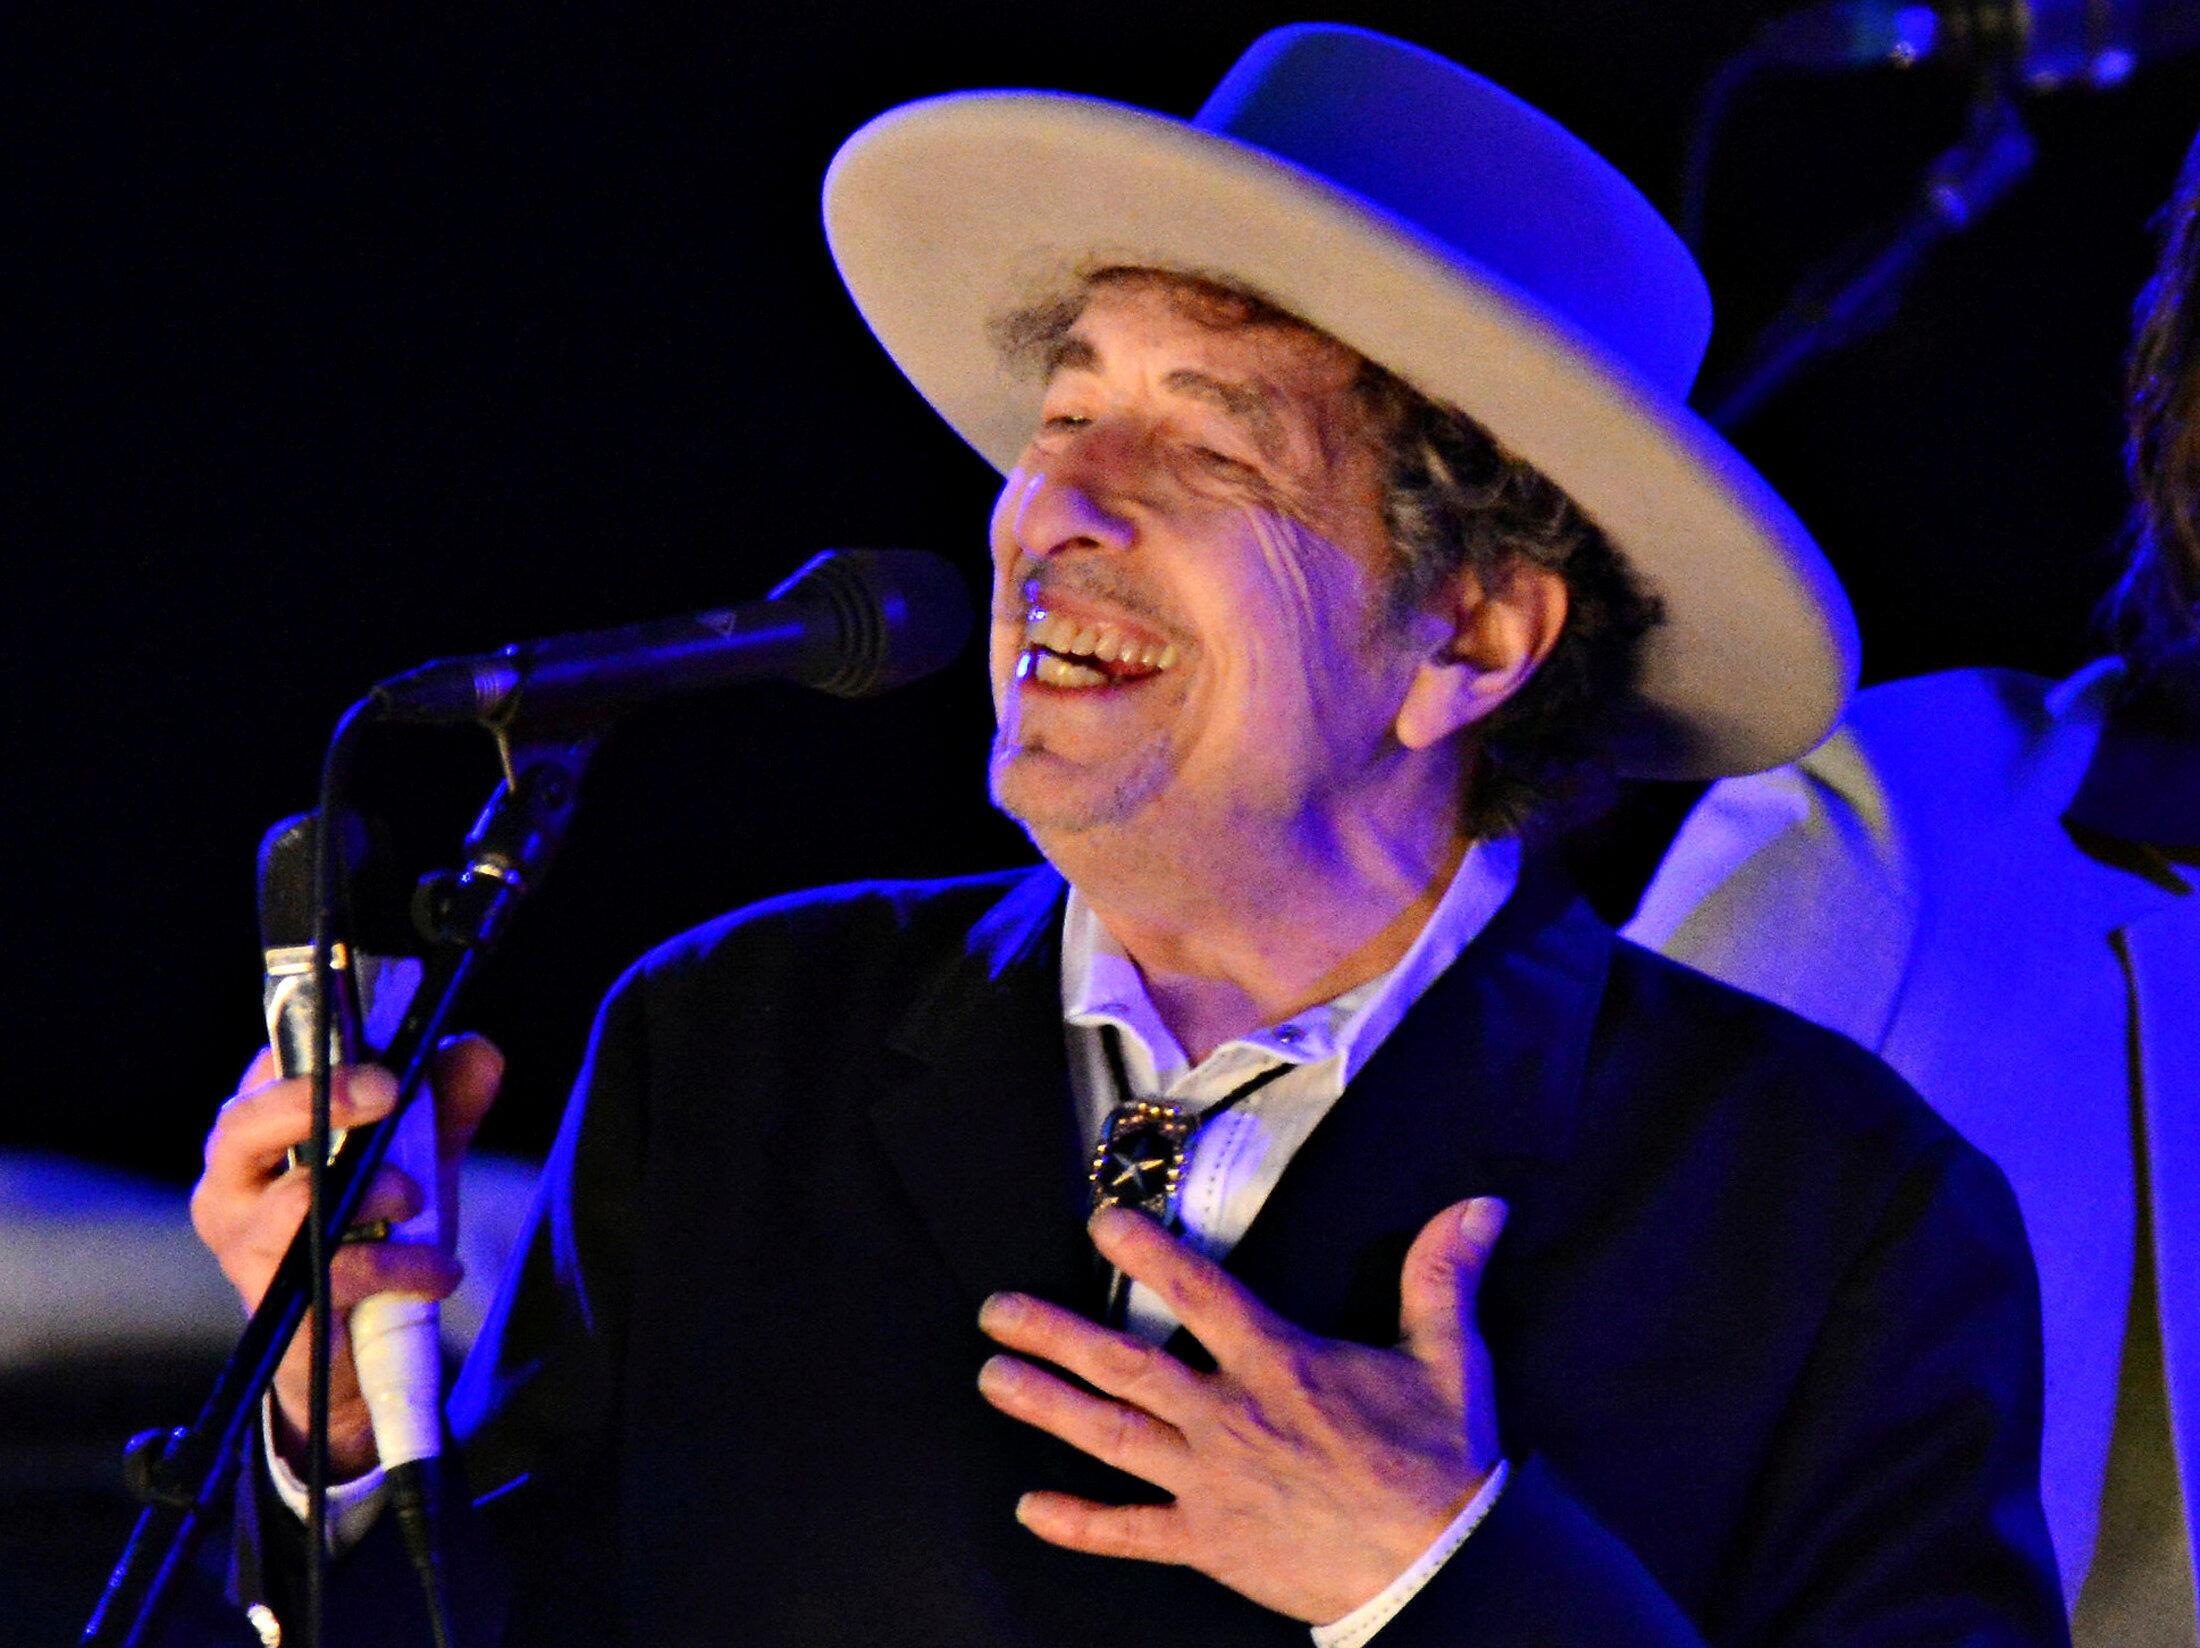 Bob Dylan, Nobel Văn Học 2016 vắng mặt trong buổi lễ trao giải ngày 10/12/2016 tại Stockholm